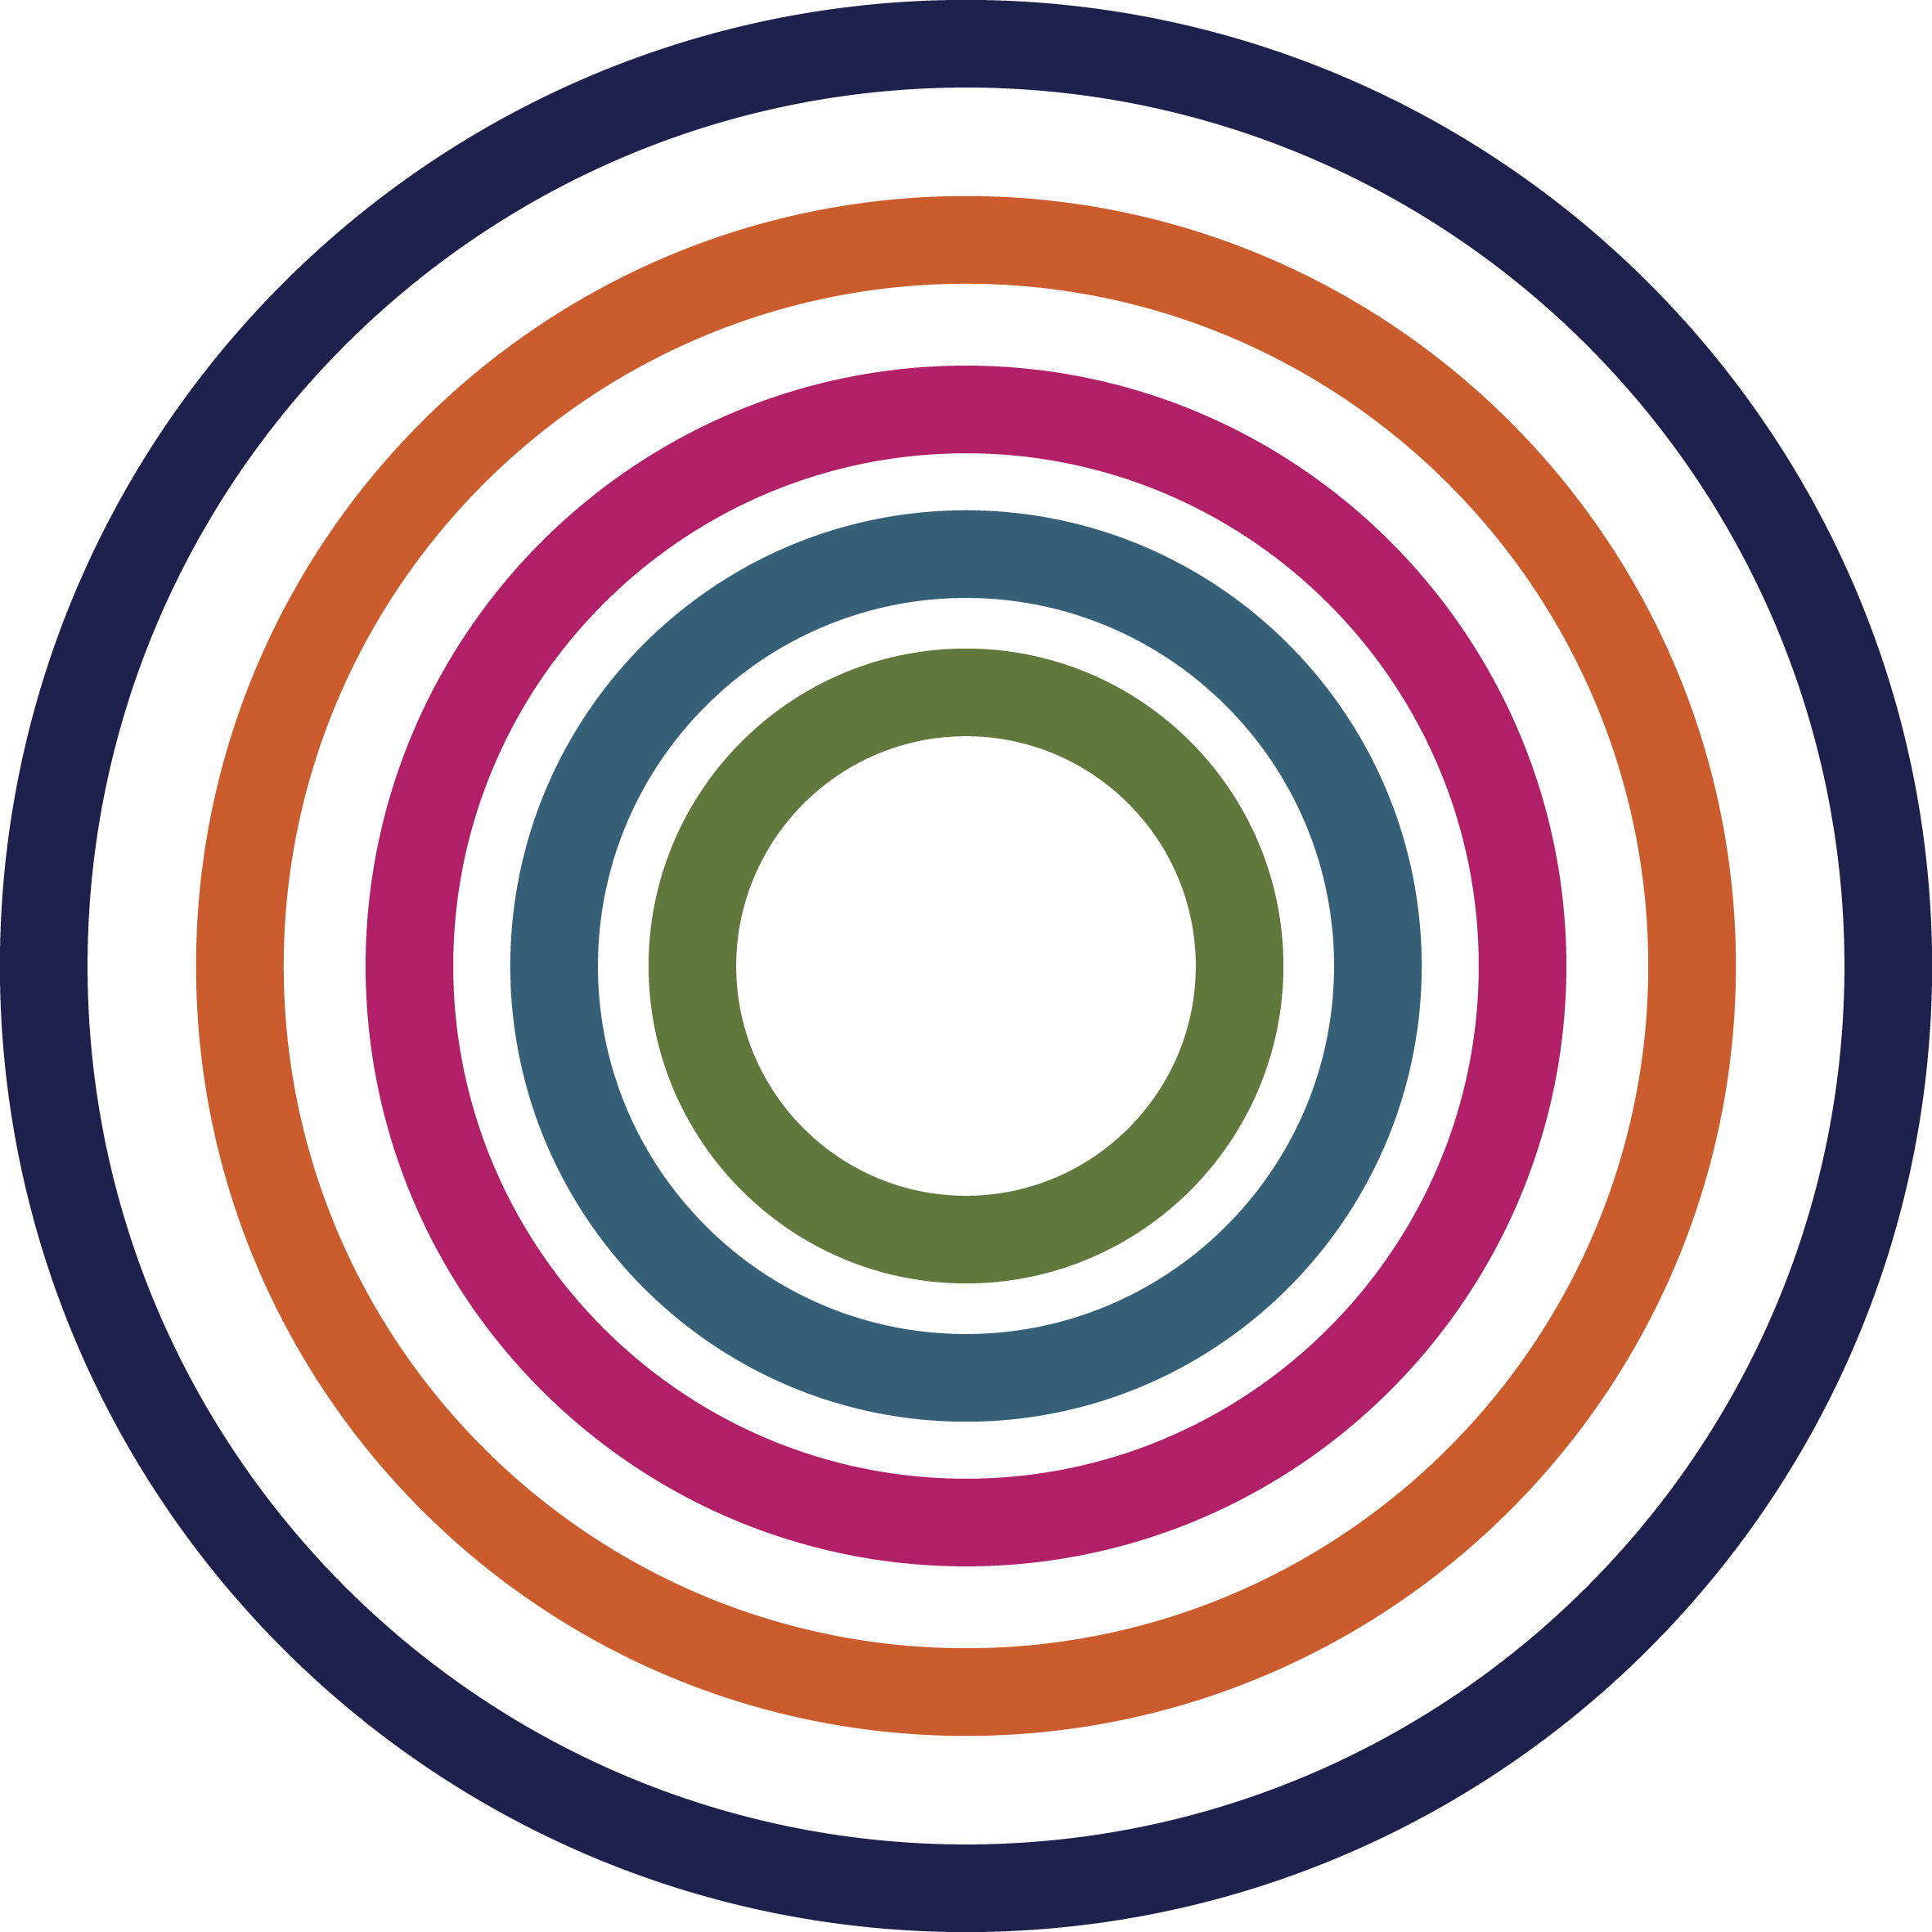 2362x2362 Make The Circle Bigger